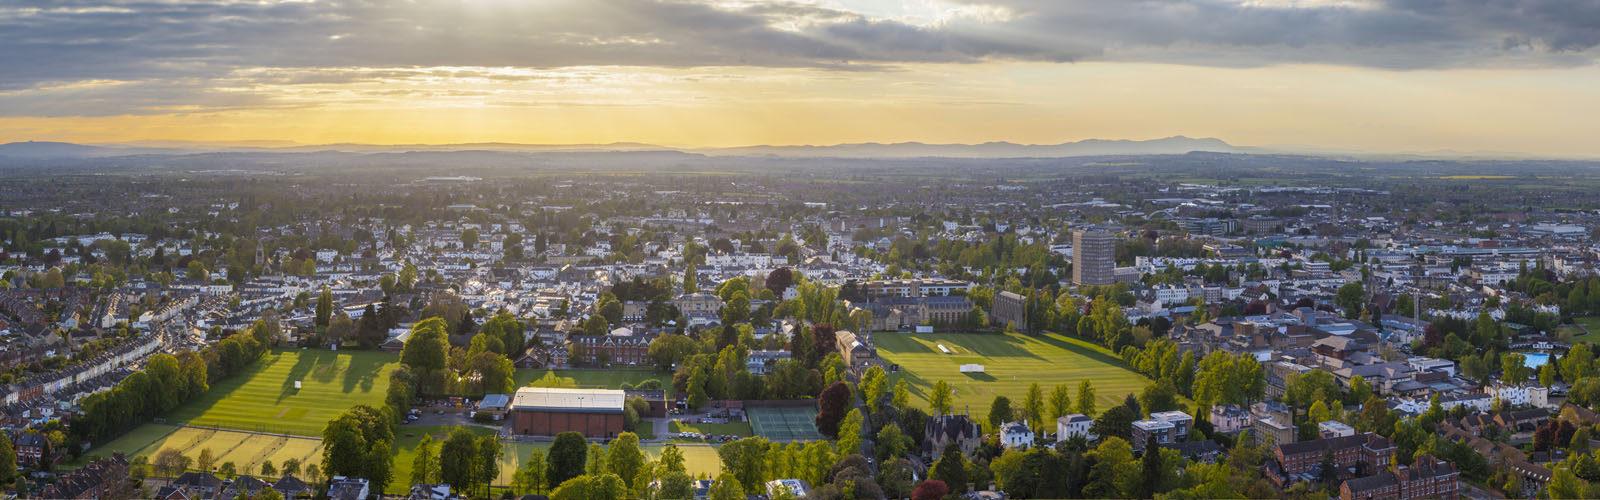 Panoramic view of cheltenham.